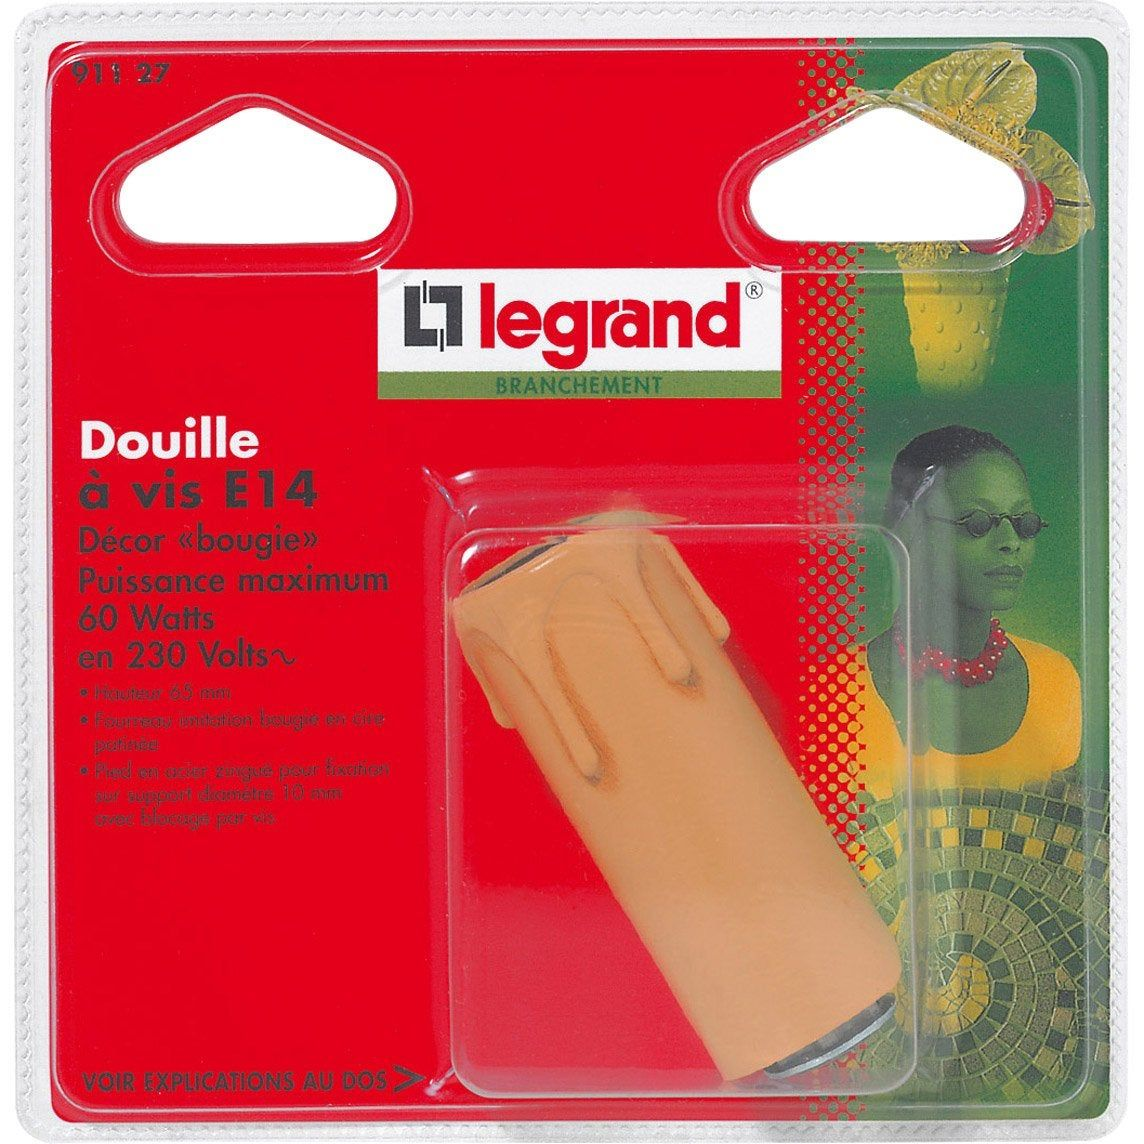 Douille E14 A Vis Plastique Beige Legrand En 2020 Douille Douille E14 Et Legrand